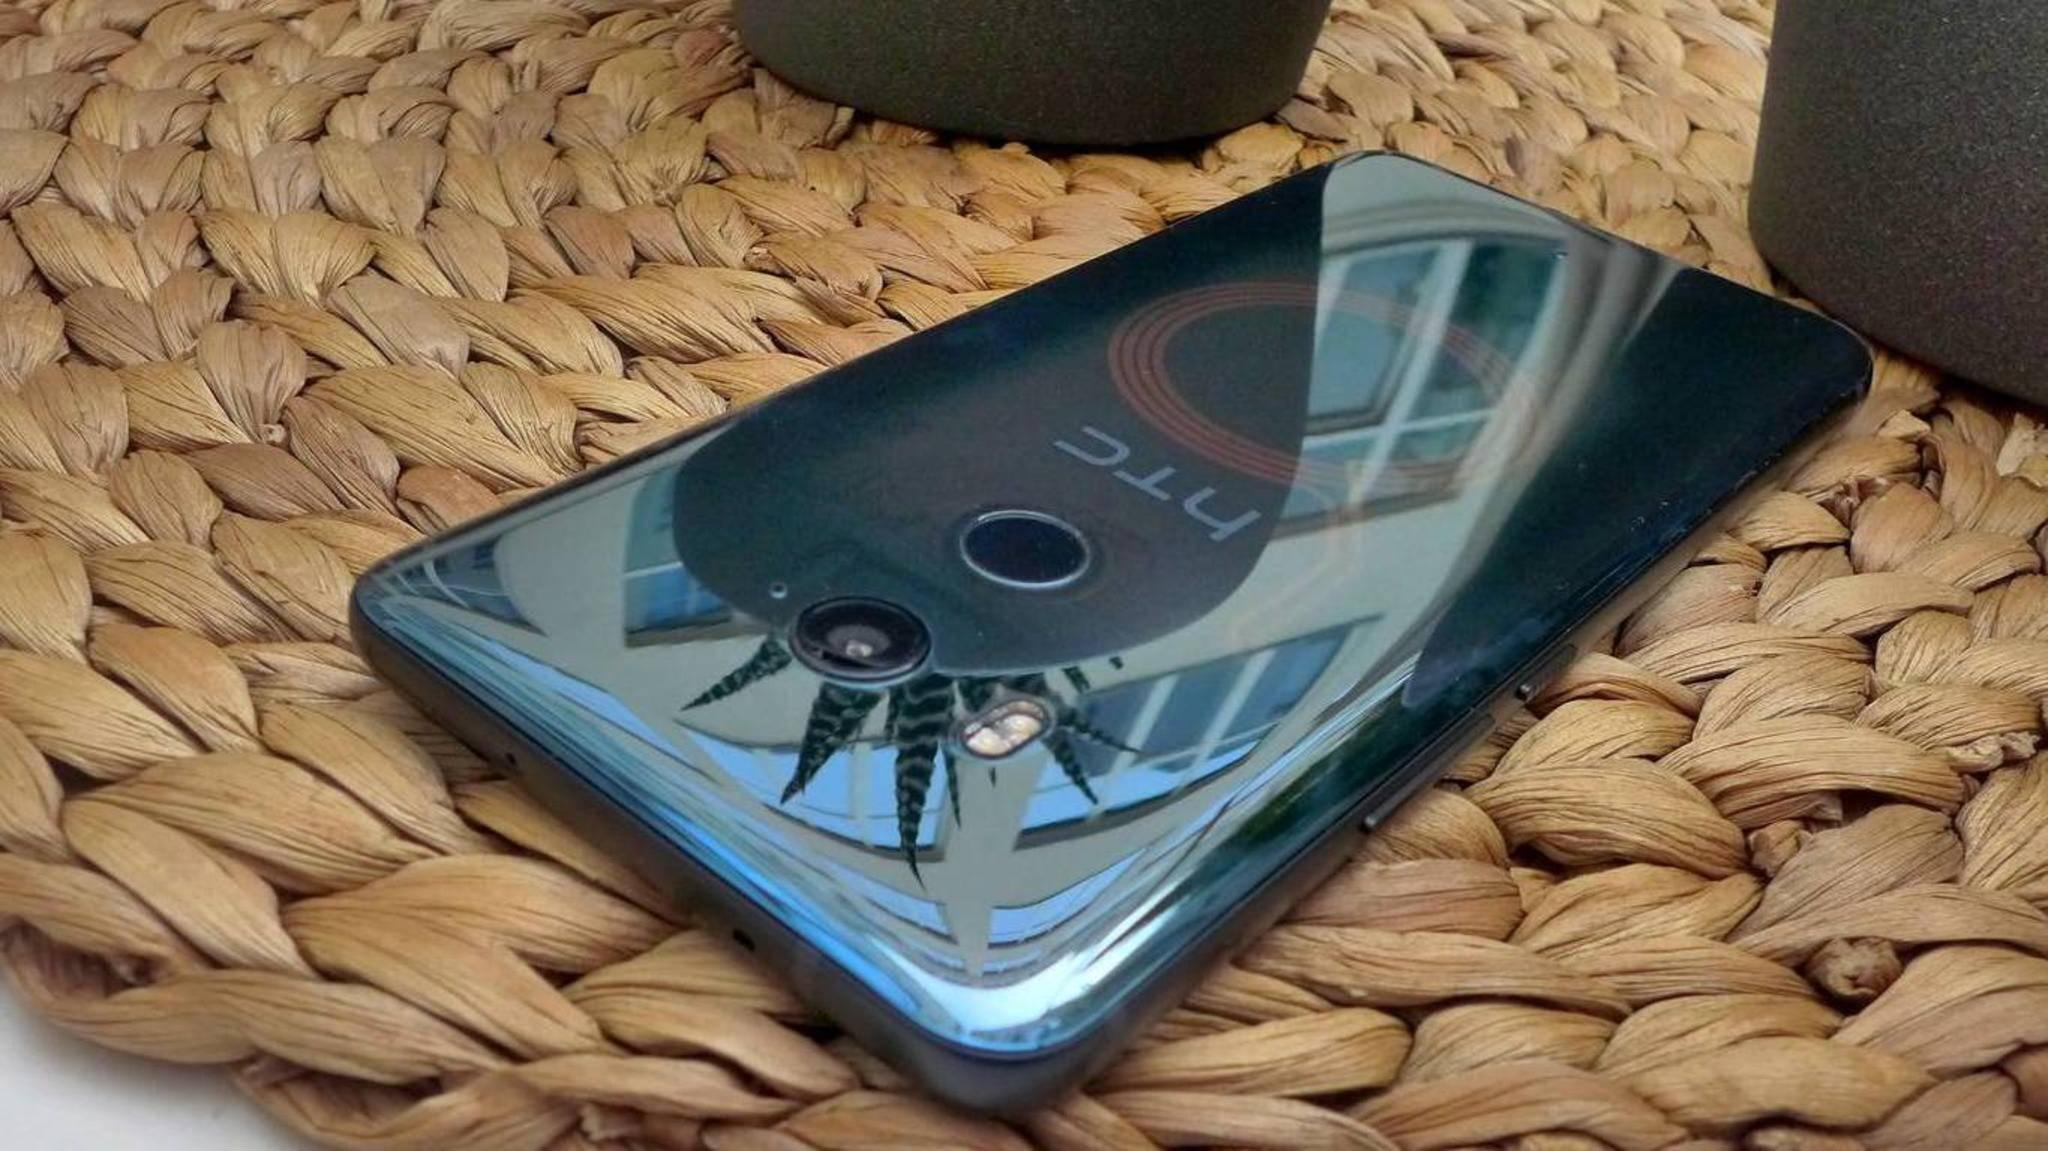 Duch die transparente Rückseite des HTC U11 Plus scheint die NFC-Antenne durch.